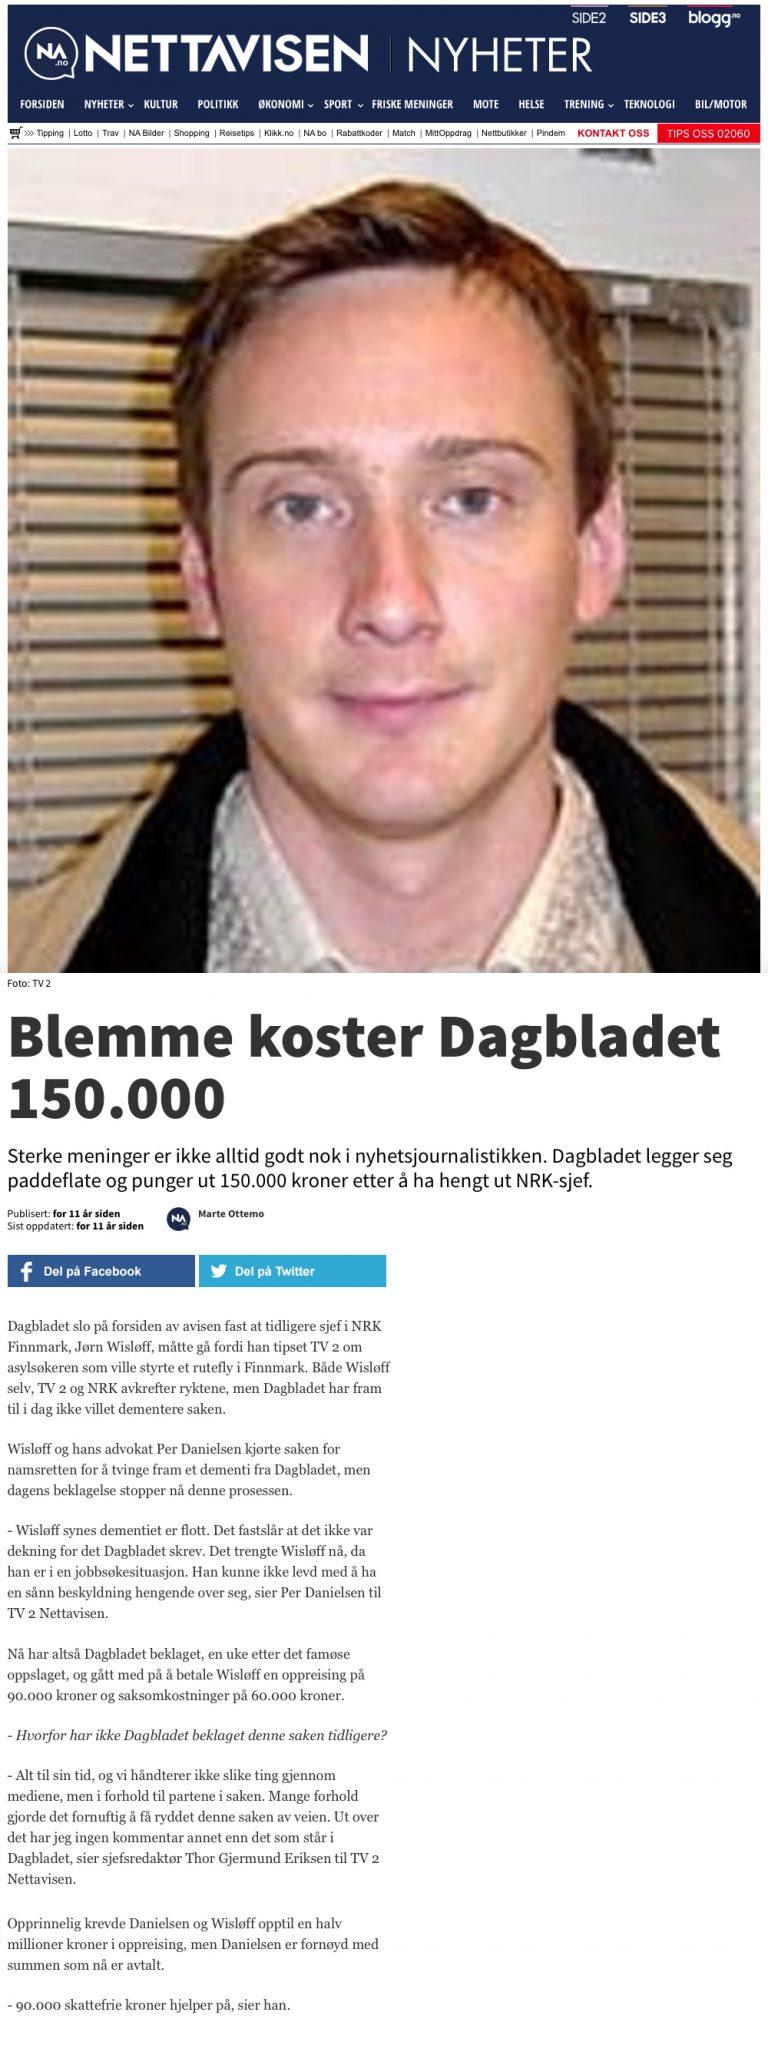 Ærekrenkelse Journalist-sak mot Dagbladet. Advokat Danielsen & Co. Per Danielsen. Advokat i Oslo.